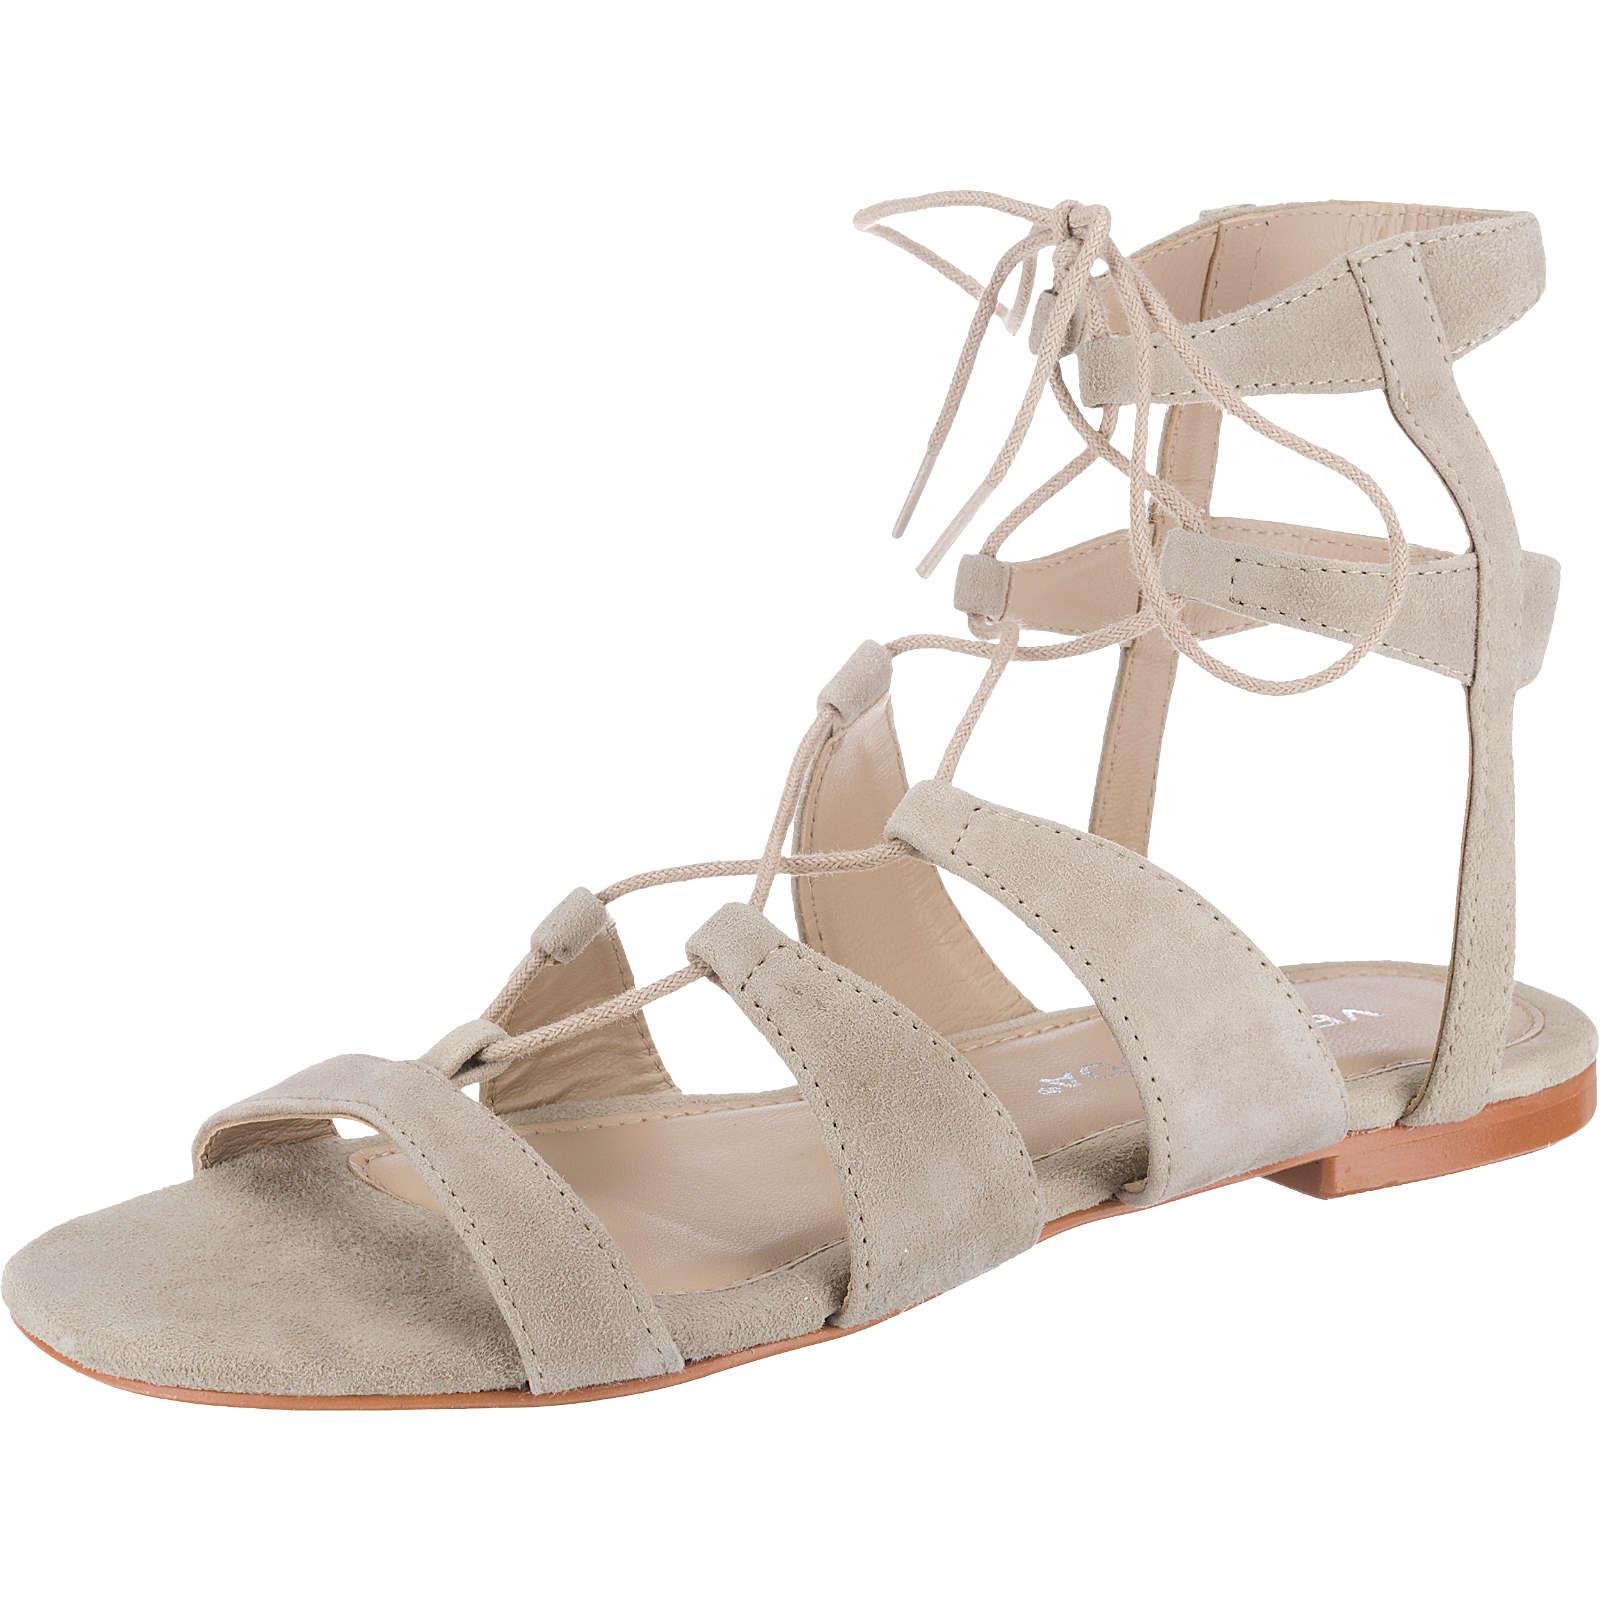 VERO MODA Mille Sandaletten braun Damen Gr. 38